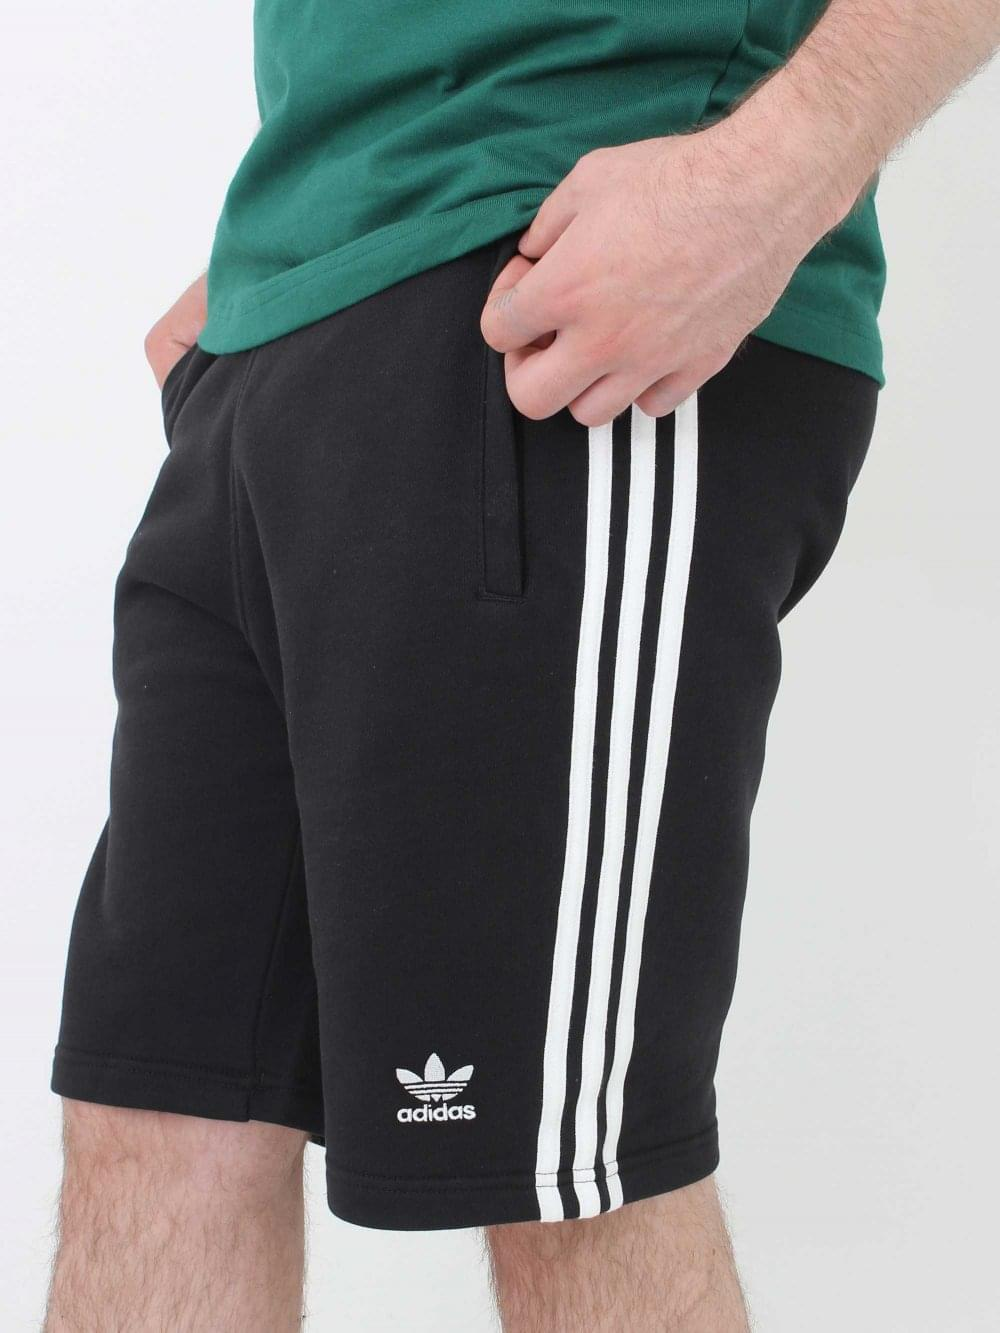 Adidas 3 Stripe Short in Black | Northern Threads